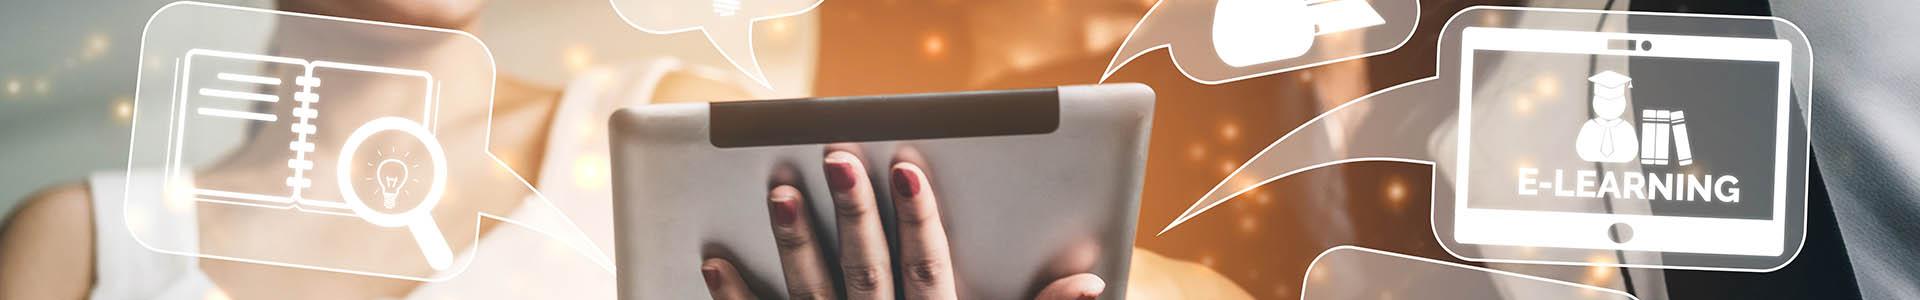 Mano con tablet, en la que el salen globos de diálogos con conceptos de la educación online